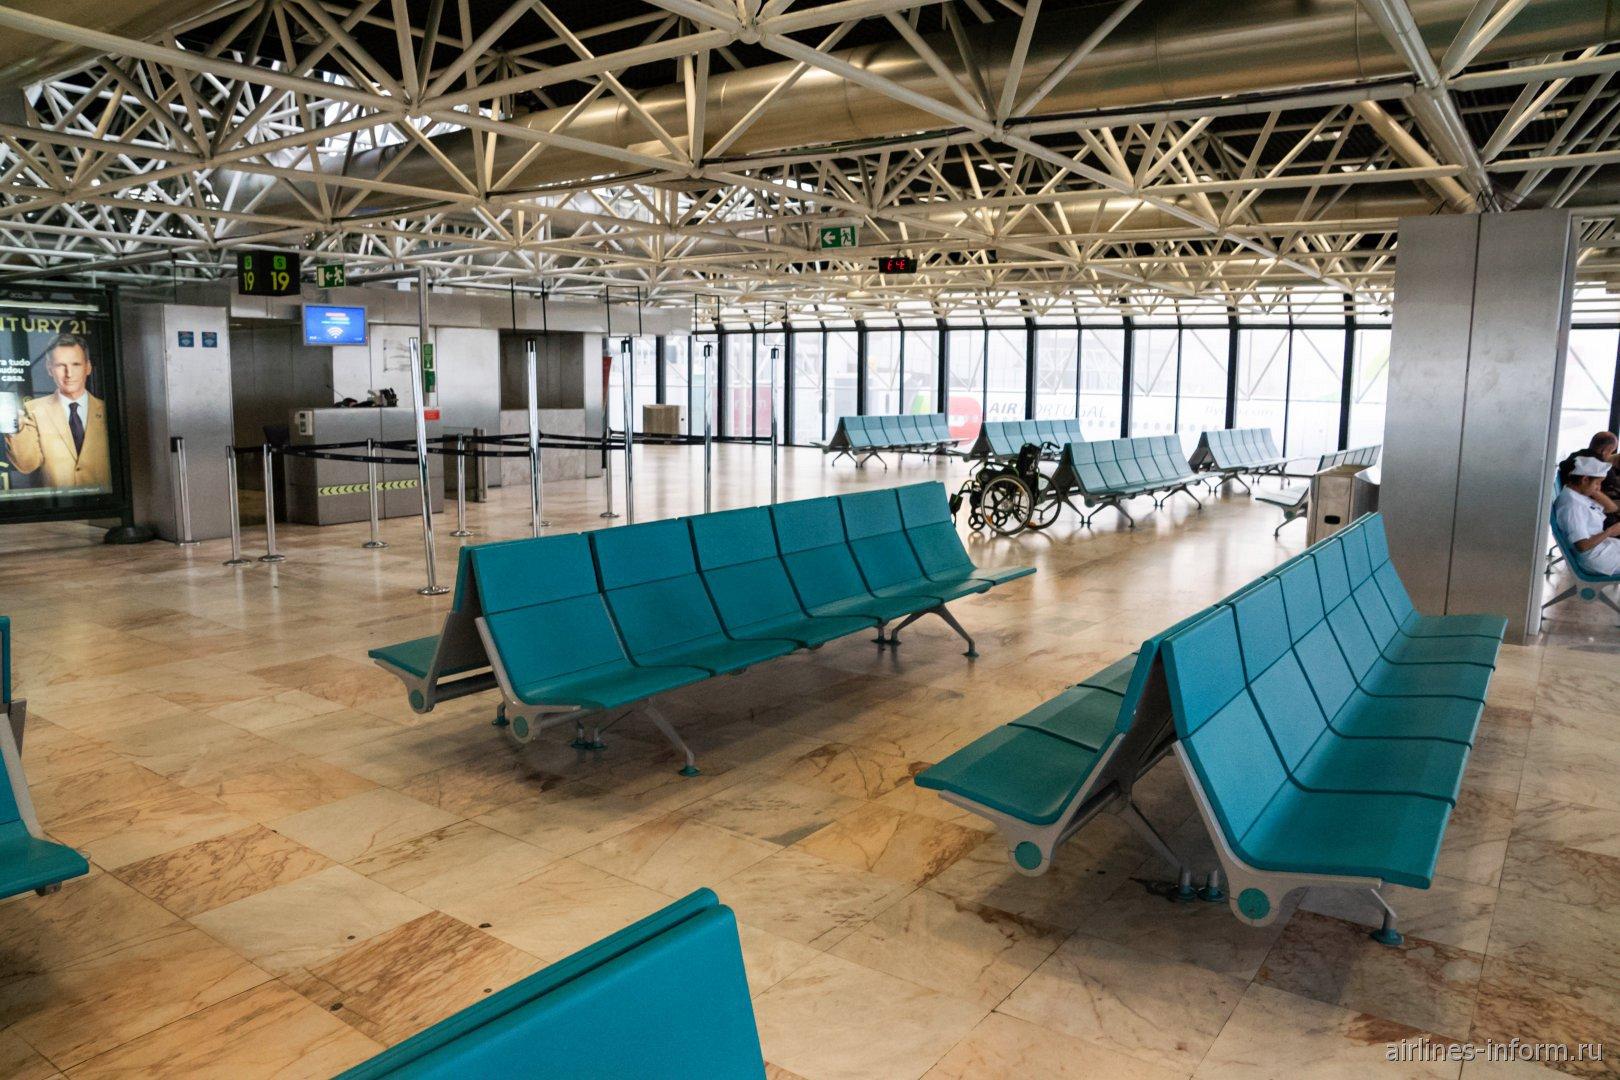 Места для ожидания посадки на рейс у гейта в терминале 1 аэропорта Лиссабона